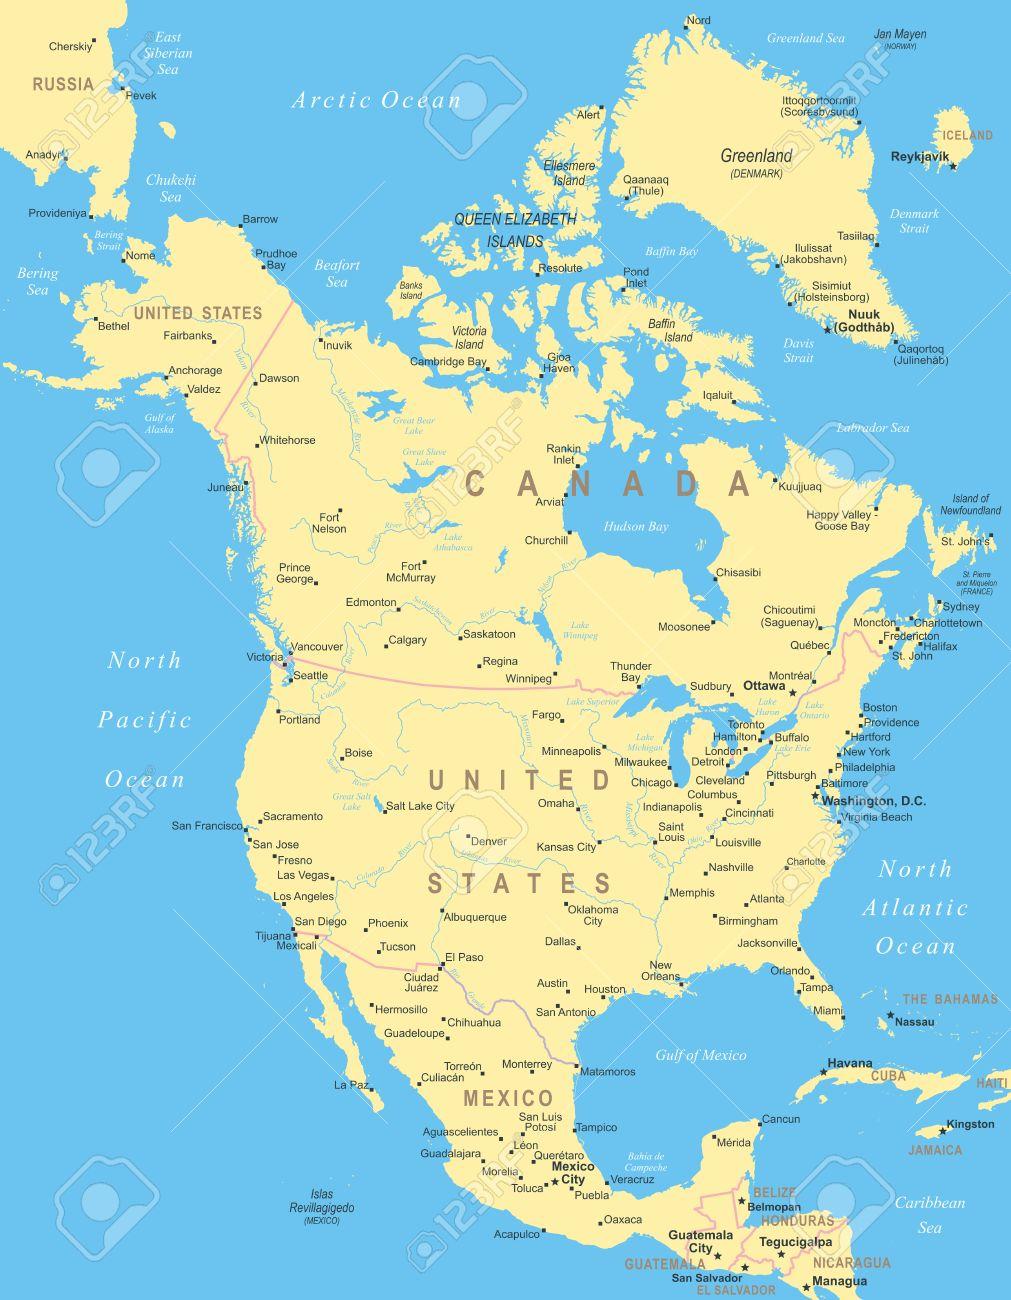 北アメリカ - 地図 - イラスト。のイラスト素材・ベクタ - Image 45024903.